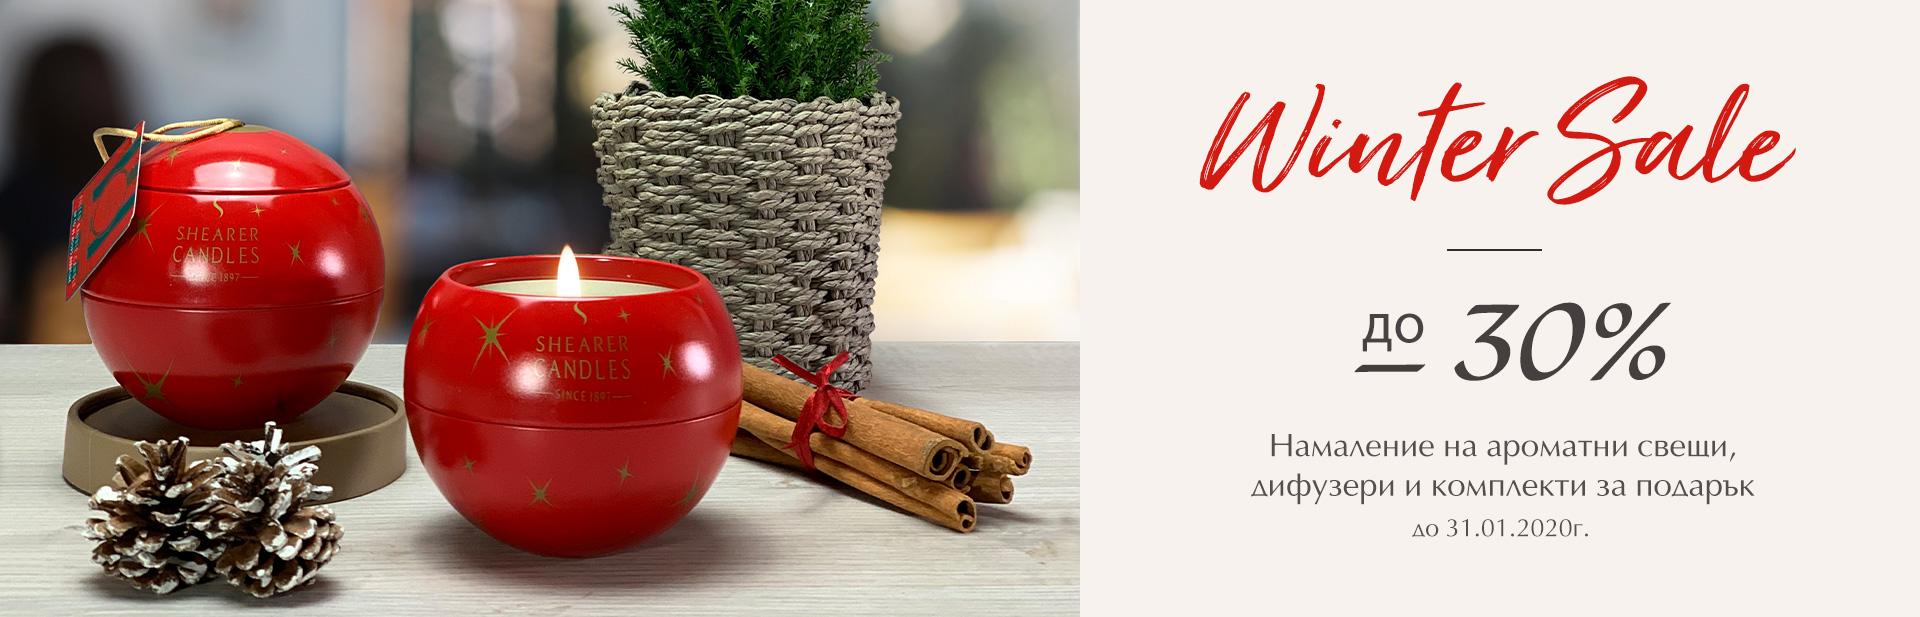 Сезонно намаление на ароматни свещи и дифузери за романтичен подарък и декорация